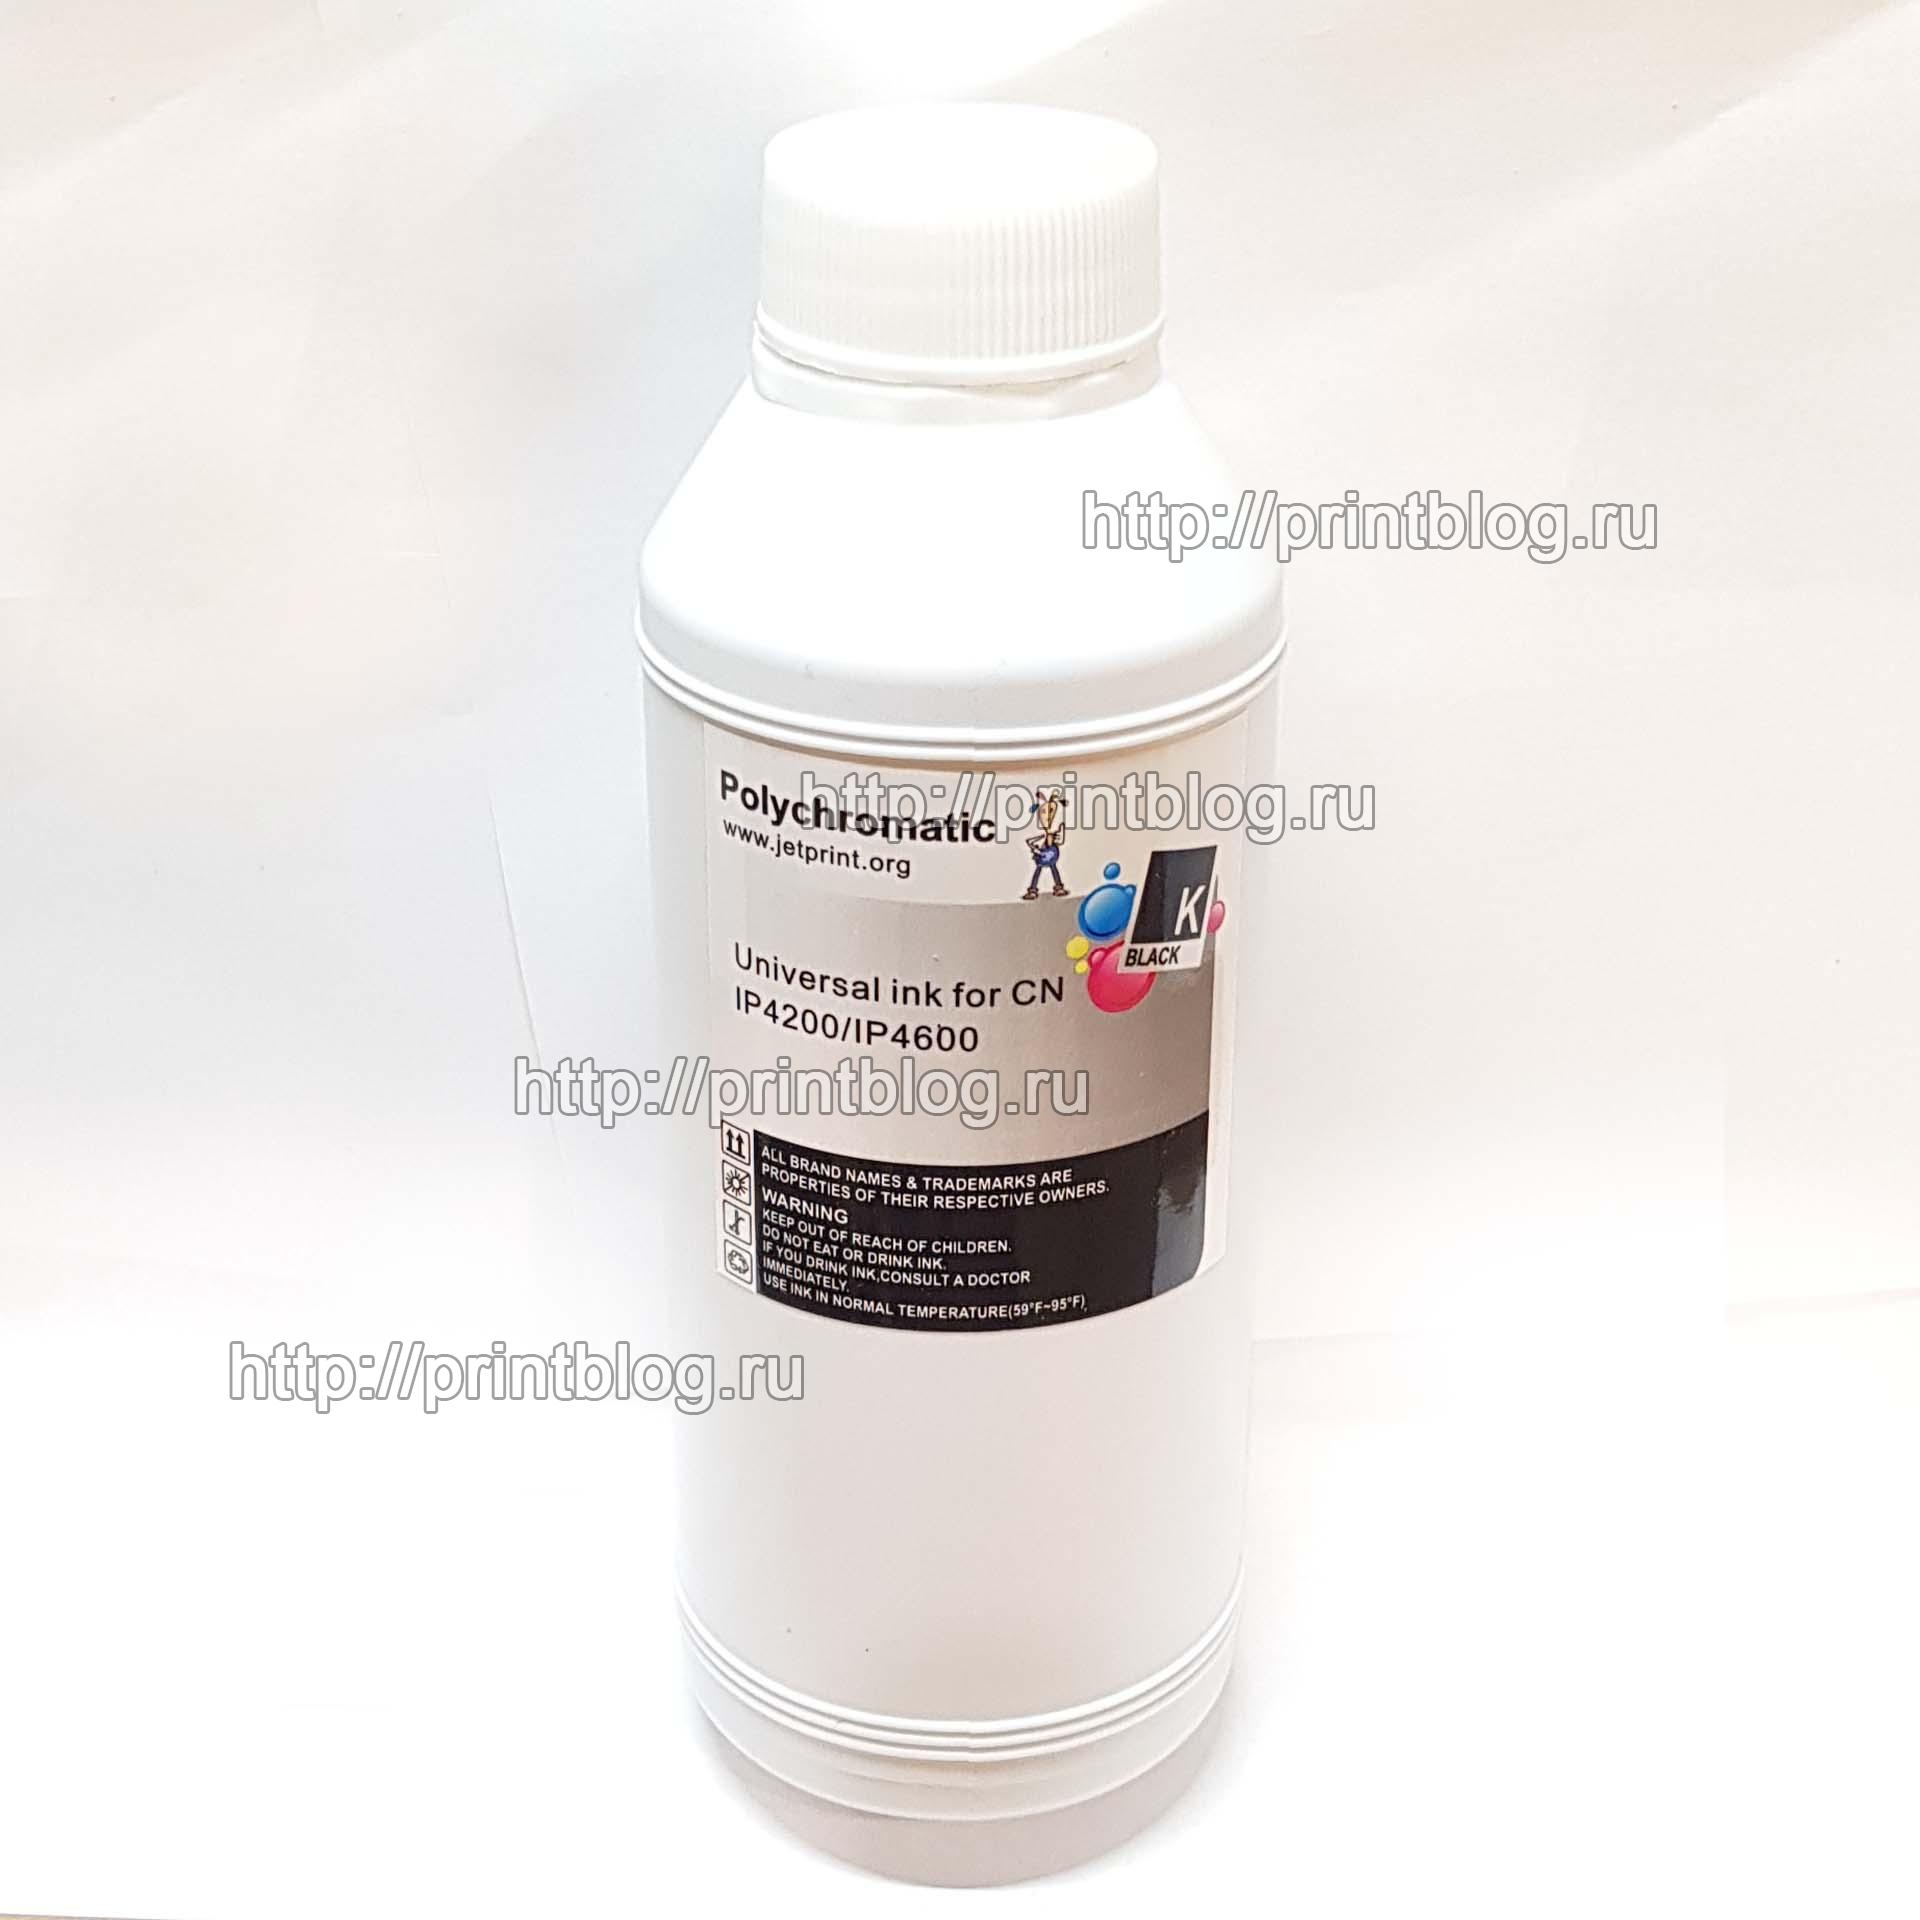 Чернила (краски) Polychromatic для Canon IP4200, IP4600 500мл Black водные